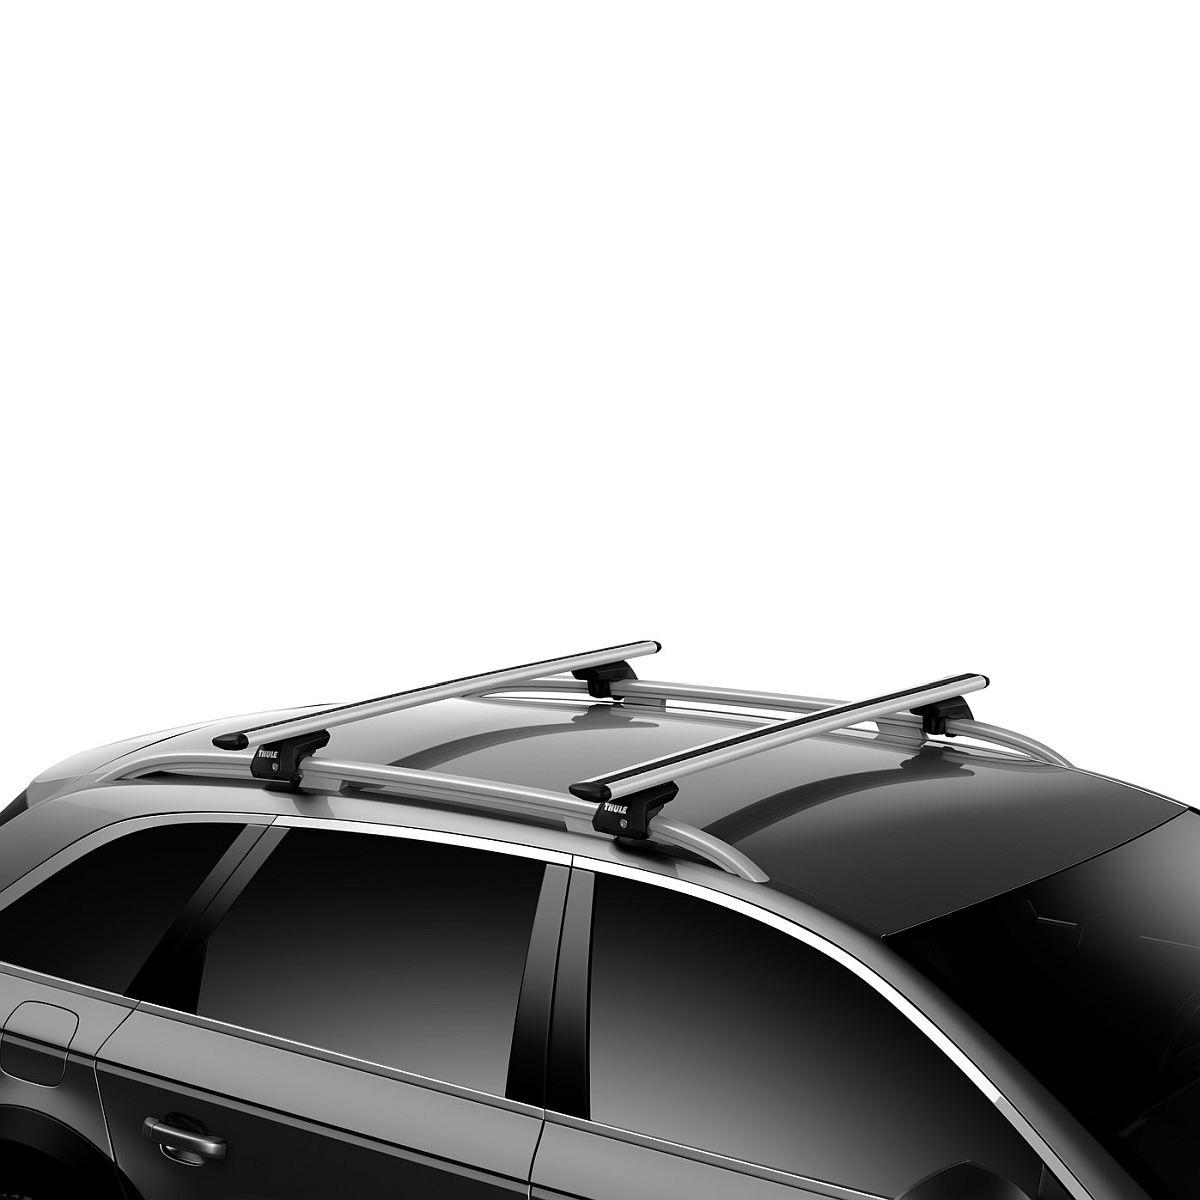 Напречни греди Thule Evo Raised Rail WingBar Evo 135cm за MITSUBISHI Montero 3 врати SUV 99-06 с фабрични надлъжни греди с просвет 3